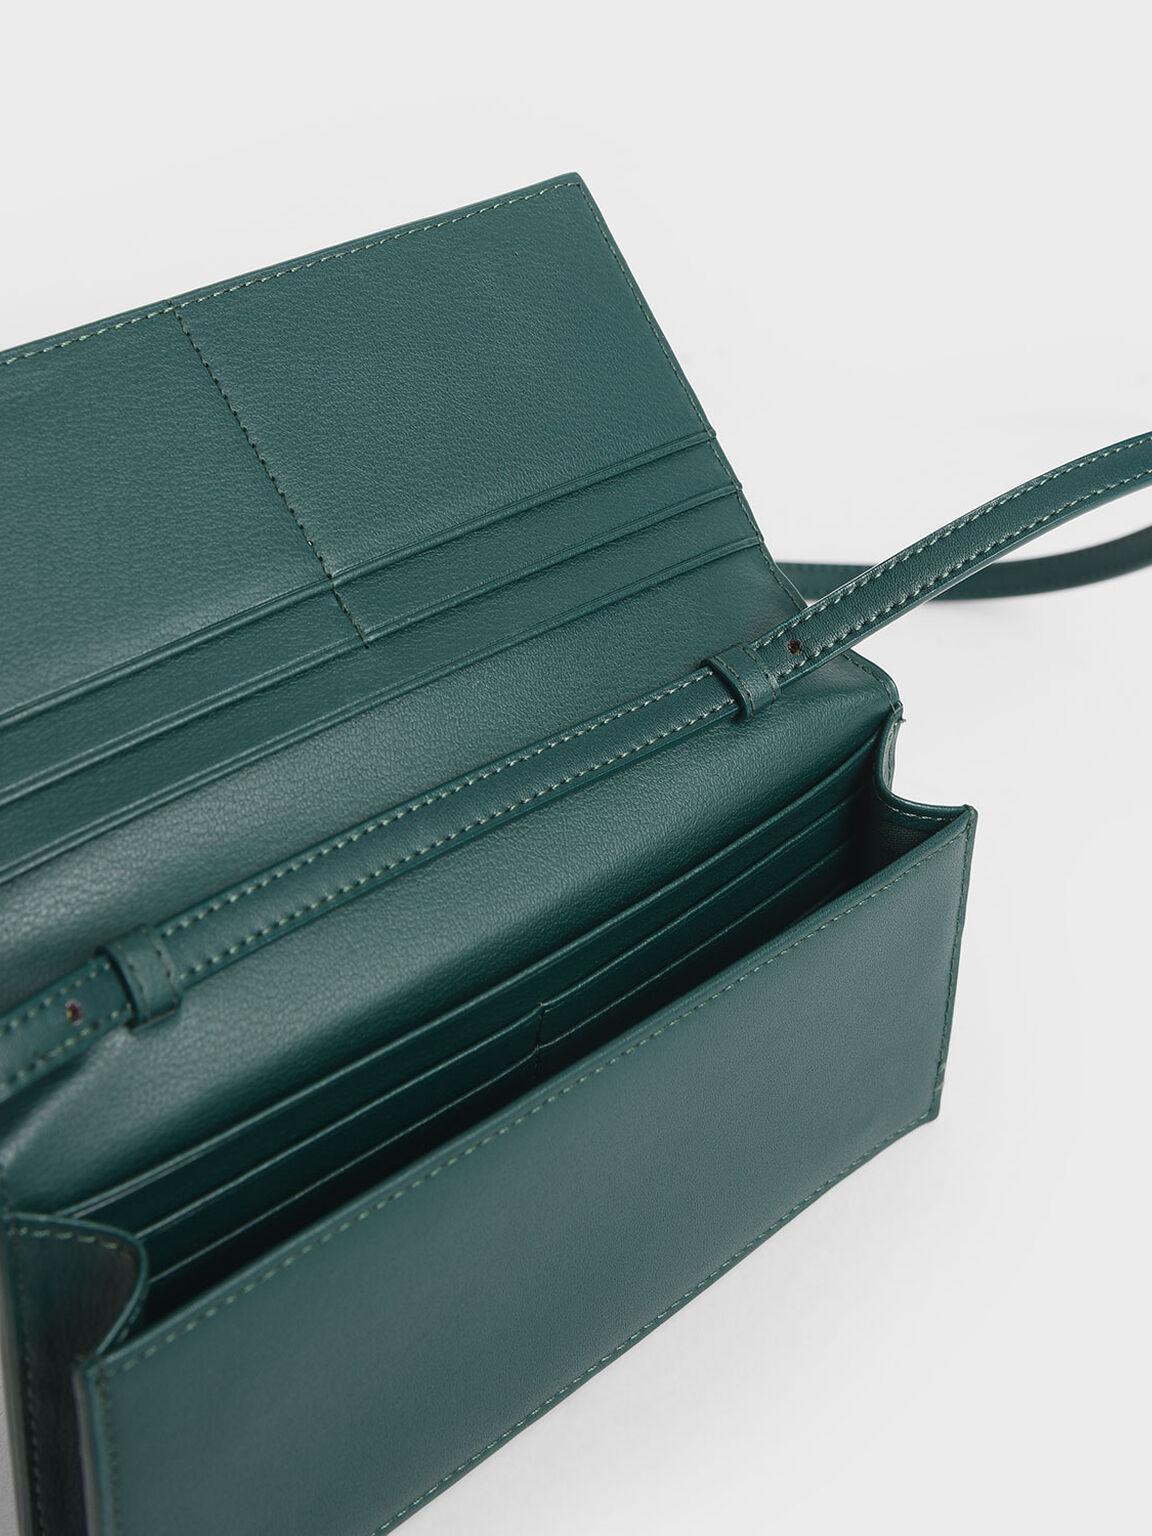 Mini Front Zip Long Wallet, Dark Green, hi-res